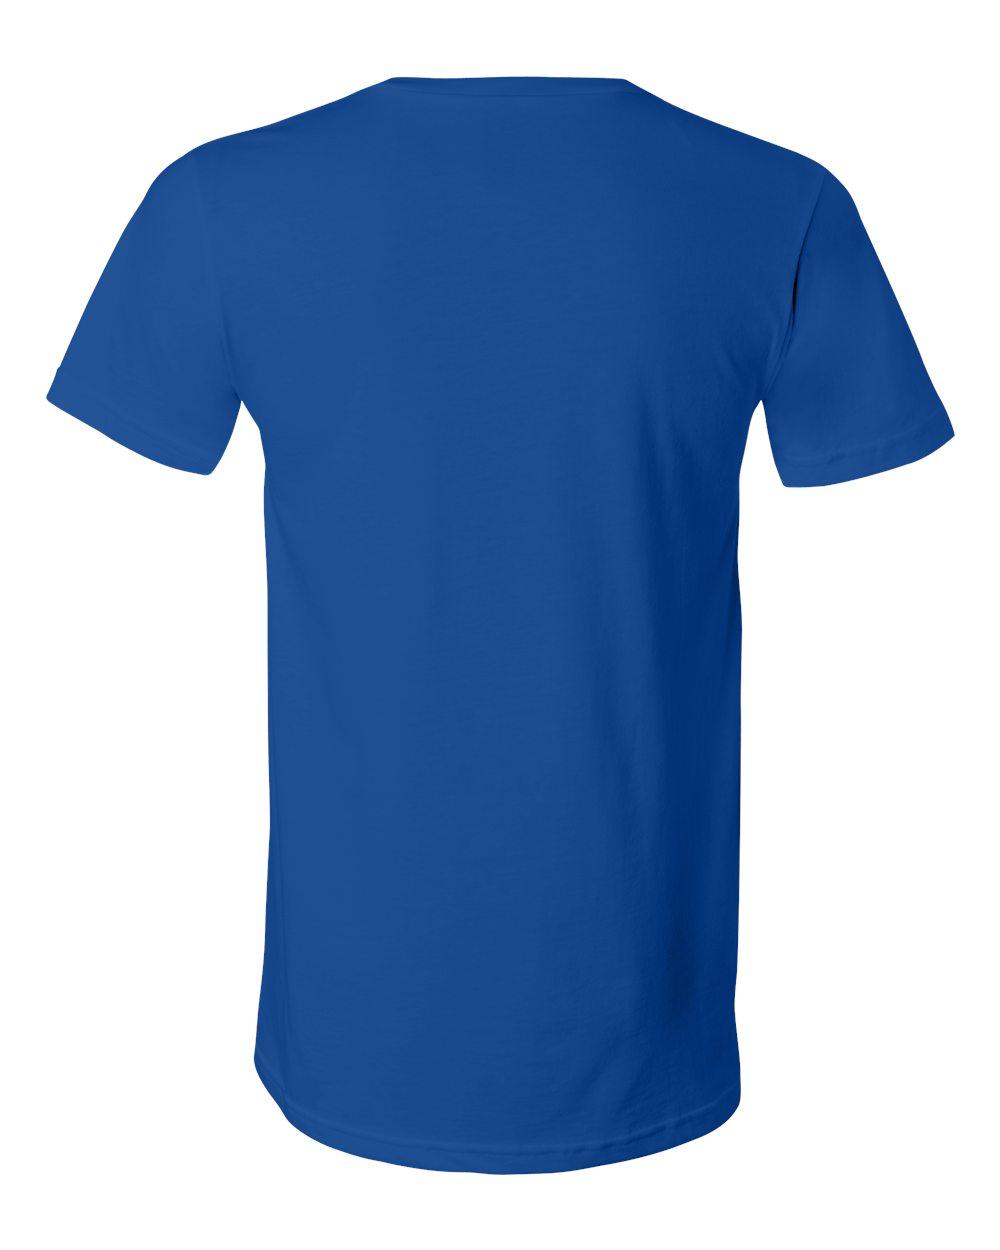 Bella-Canvas-Men-039-s-Jersey-Short-Sleeve-V-Neck-T-Shirt-3005-XS-3XL thumbnail 101